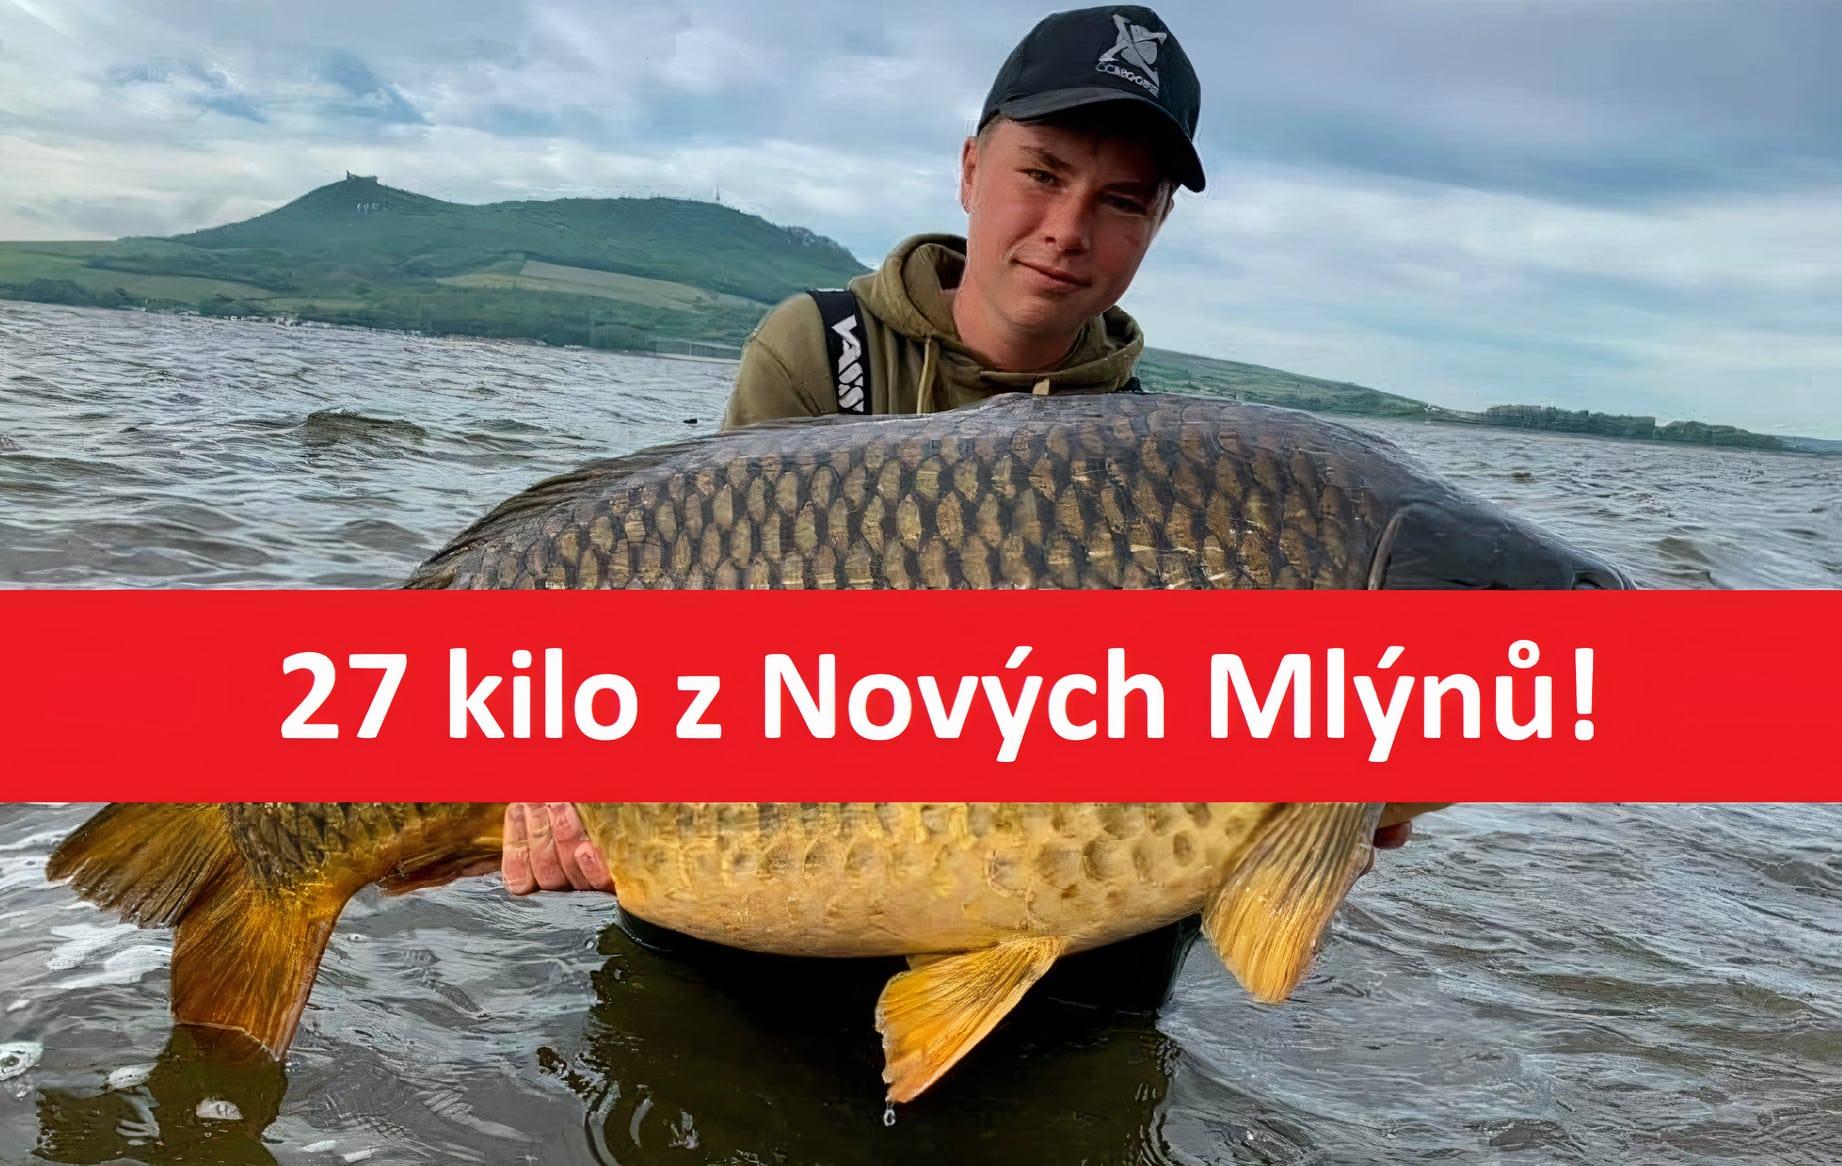 Gigant zPálavy o váze 27 kilo a délce 115 centimetrů! Zabral 450 metrů od břehu!